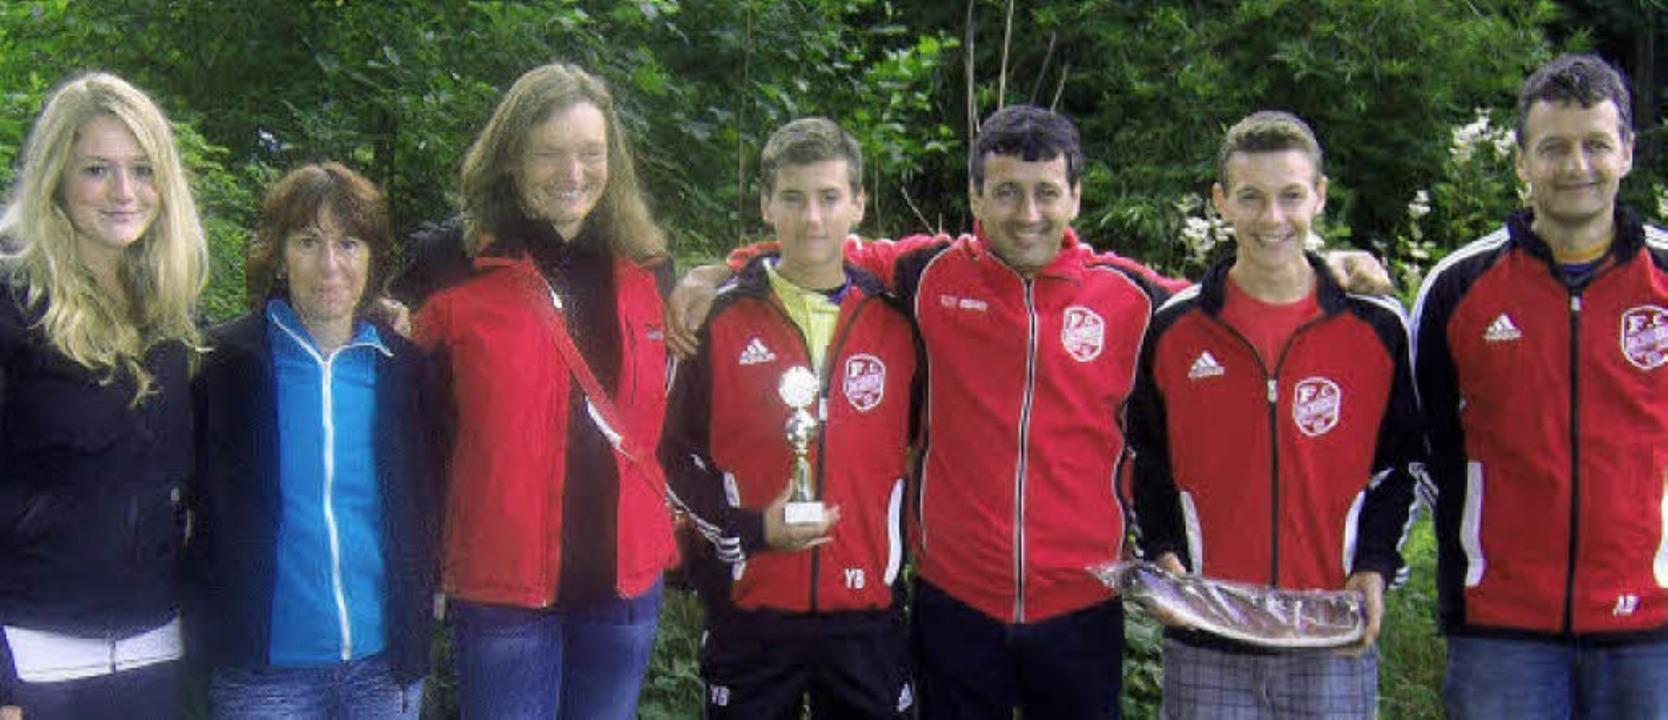 Die Sieger im Grümpelschießen 2012 war...nteam fehlt Ilona Wagner auf dem Bild)  | Foto: Verein